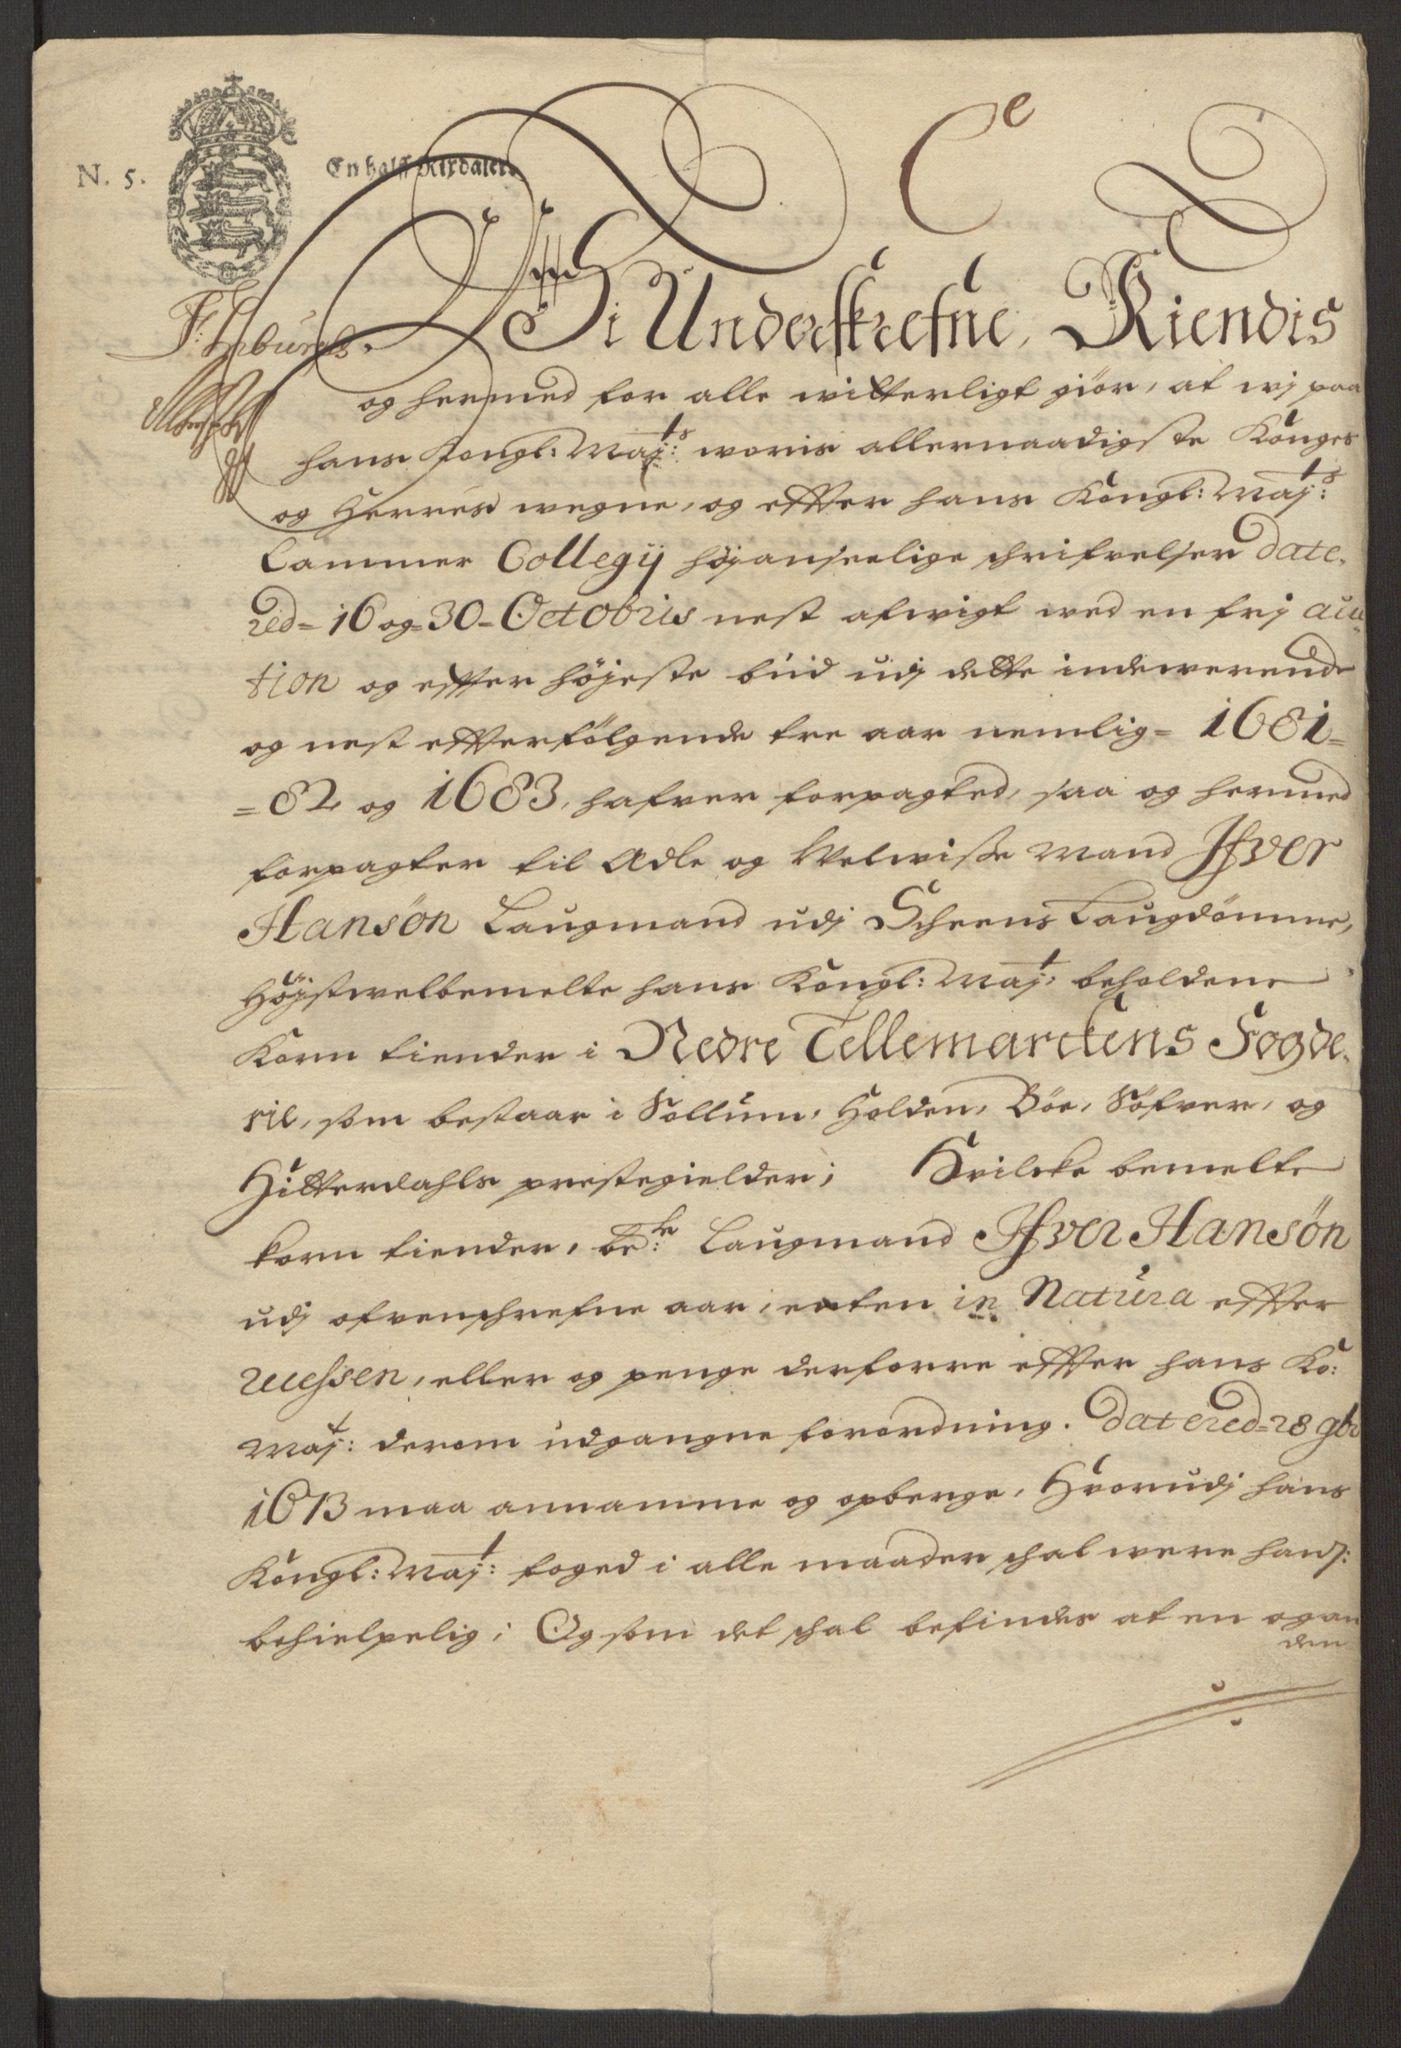 RA, Rentekammeret inntil 1814, Reviderte regnskaper, Fogderegnskap, R35/L2076: Fogderegnskap Øvre og Nedre Telemark, 1680-1684, s. 244